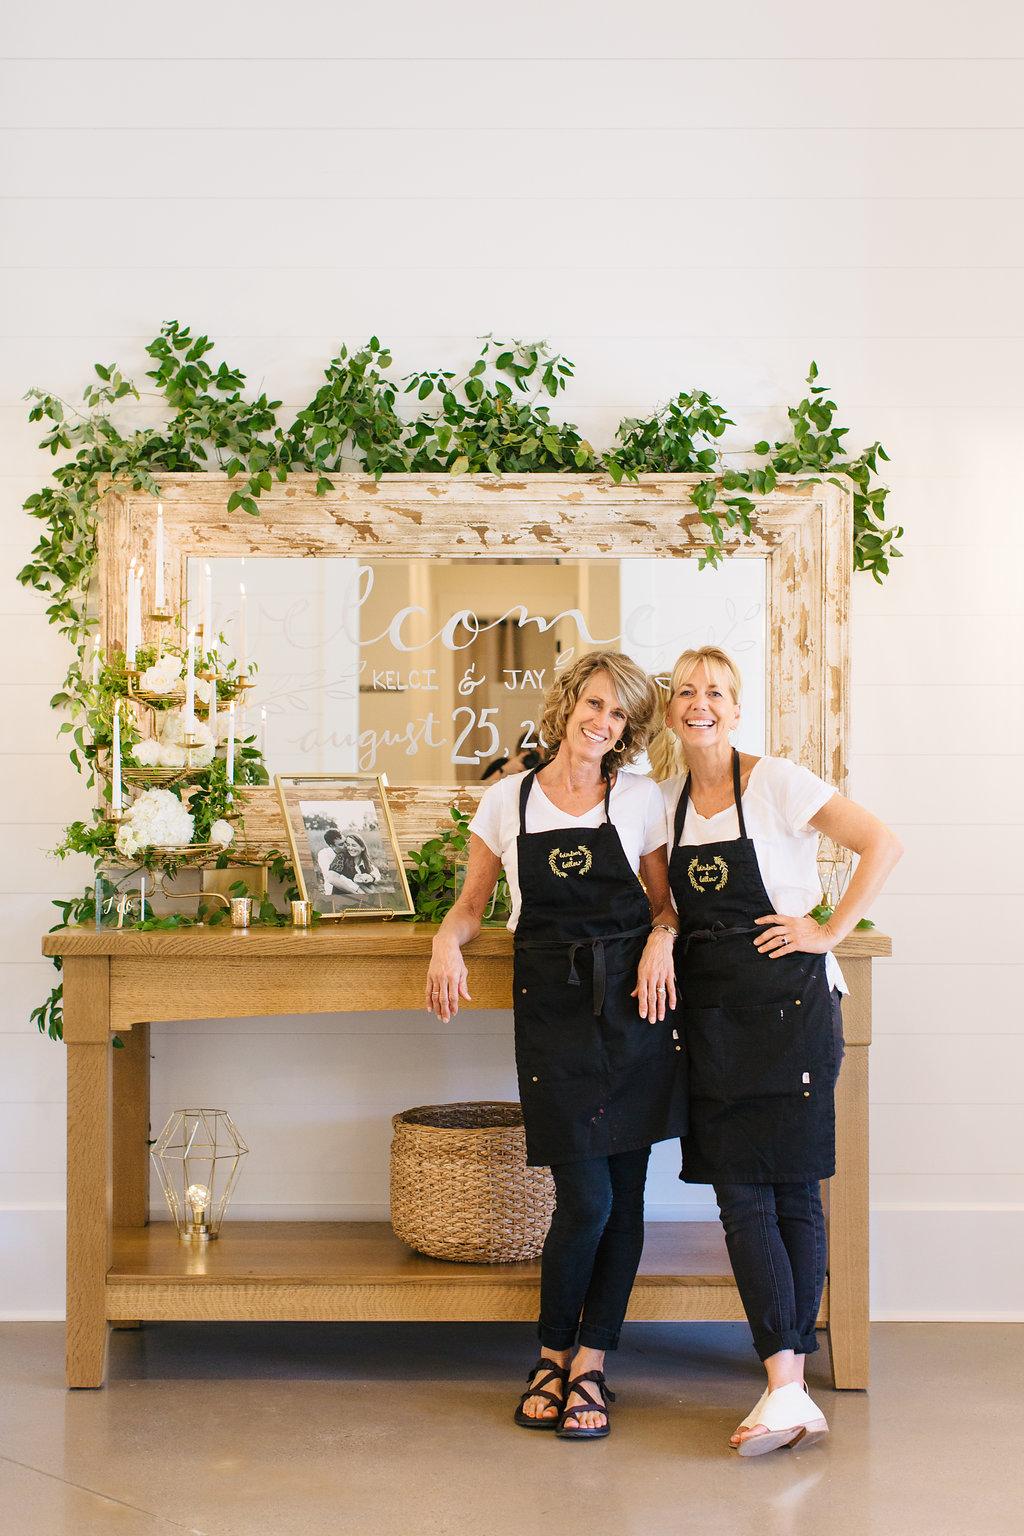 Beth Brinson & Eileen Sommi